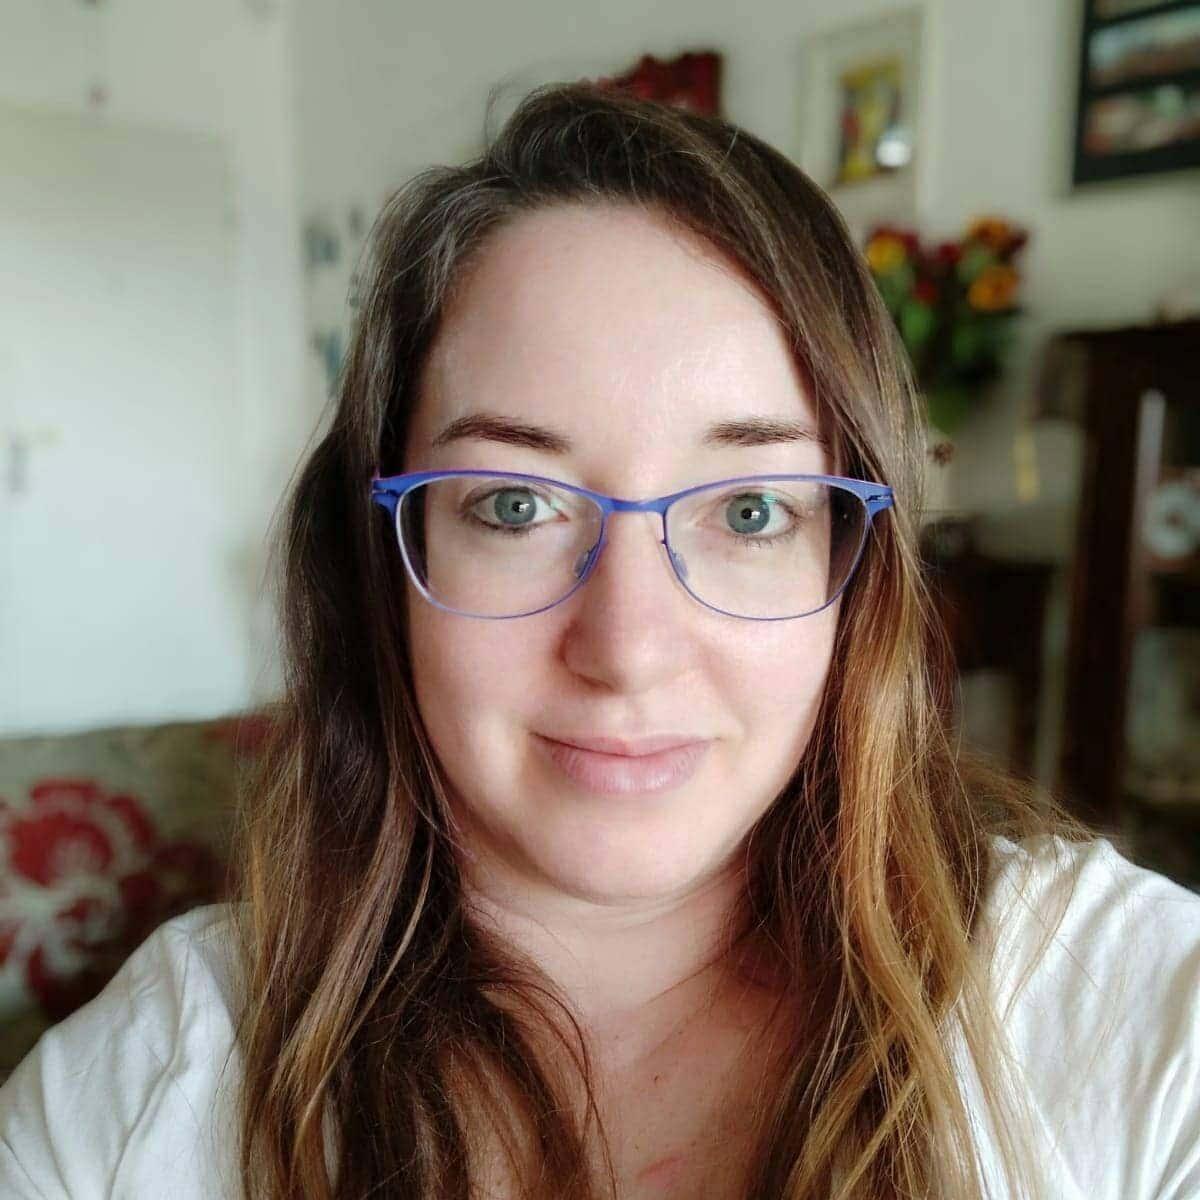 שרון גולן - יוצרת הבלוג